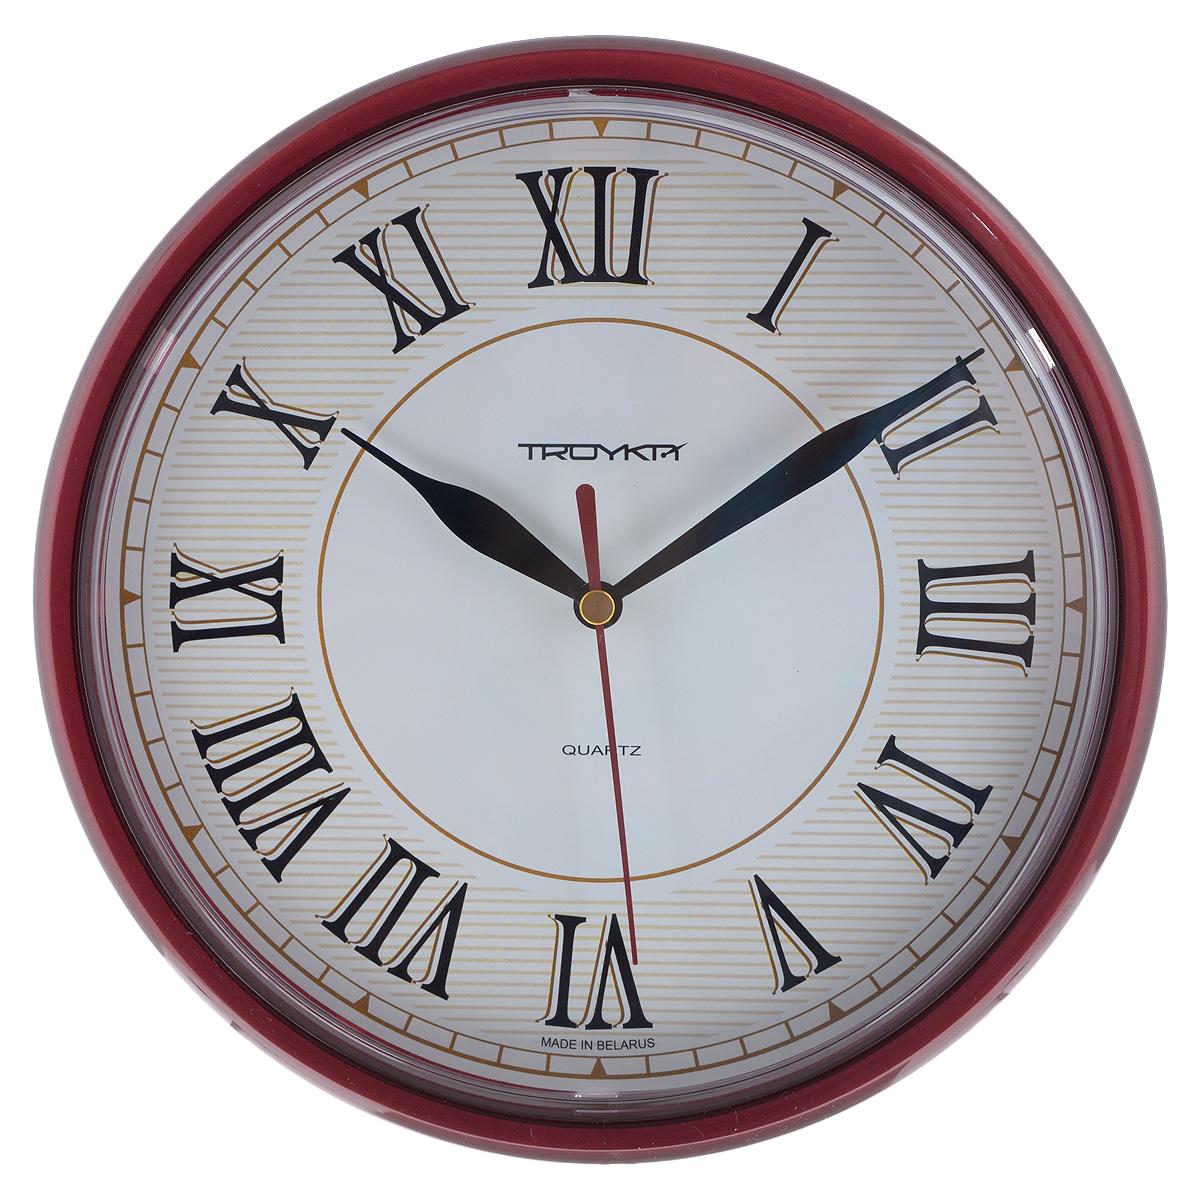 Часы настенные Troyka, цвет: коричневый. 9193191591931915Настенные кварцевые часы с классическим дизайном Troyka, изготовленные из пластика, прекрасно подойдут под интерьер вашего дома. Круглые часы имеют три стрелки: часовую, минутную и секундную, циферблат защищен прозрачным пластиком. Диаметр часов: 22,5 см. Часы работают от 1 батарейки типа АА напряжением 1,5 В (входит в комплект).